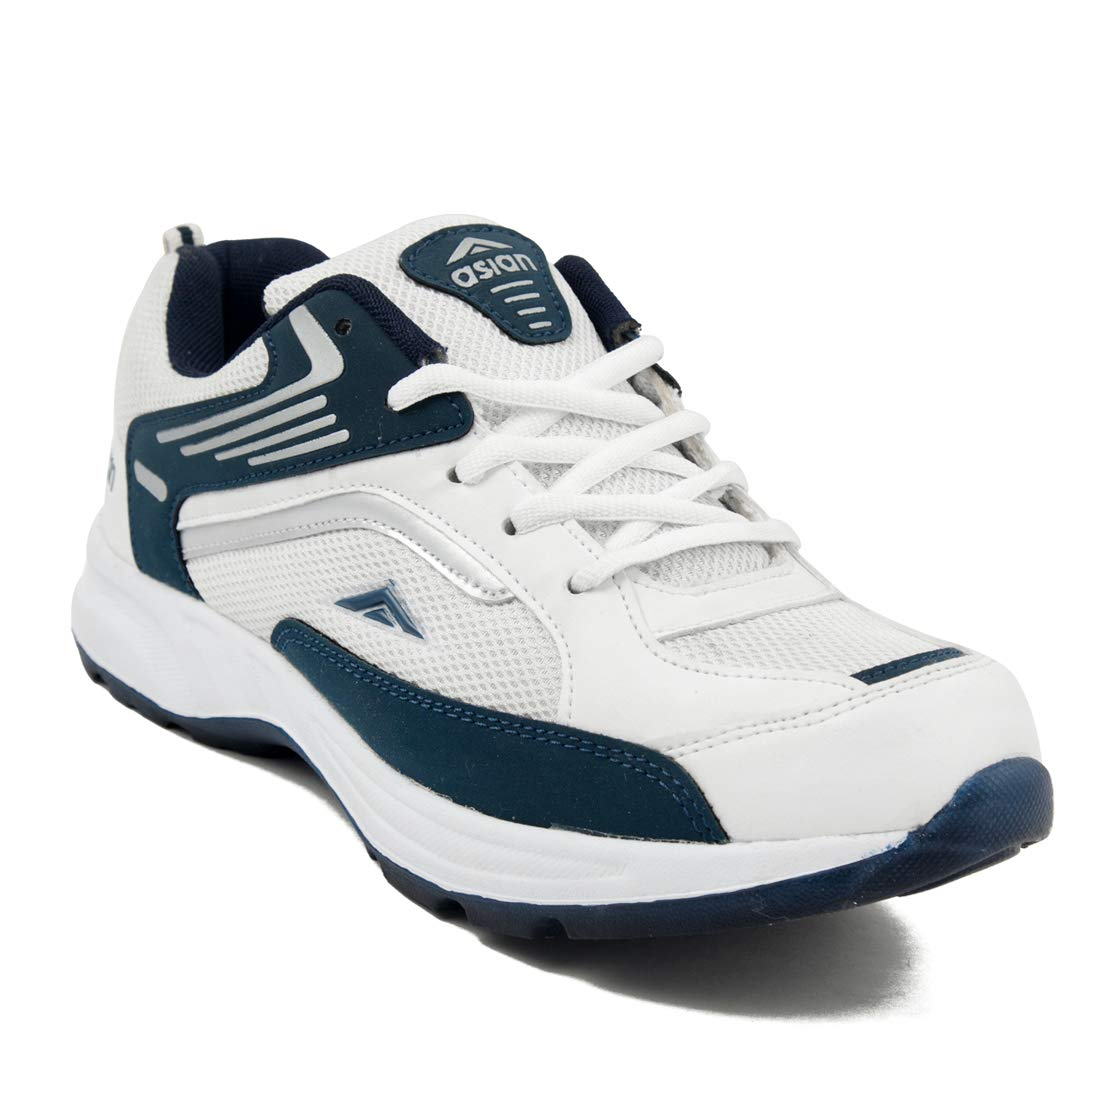 Buy ASIAN Men's Air Sports Shoe-8 UK at